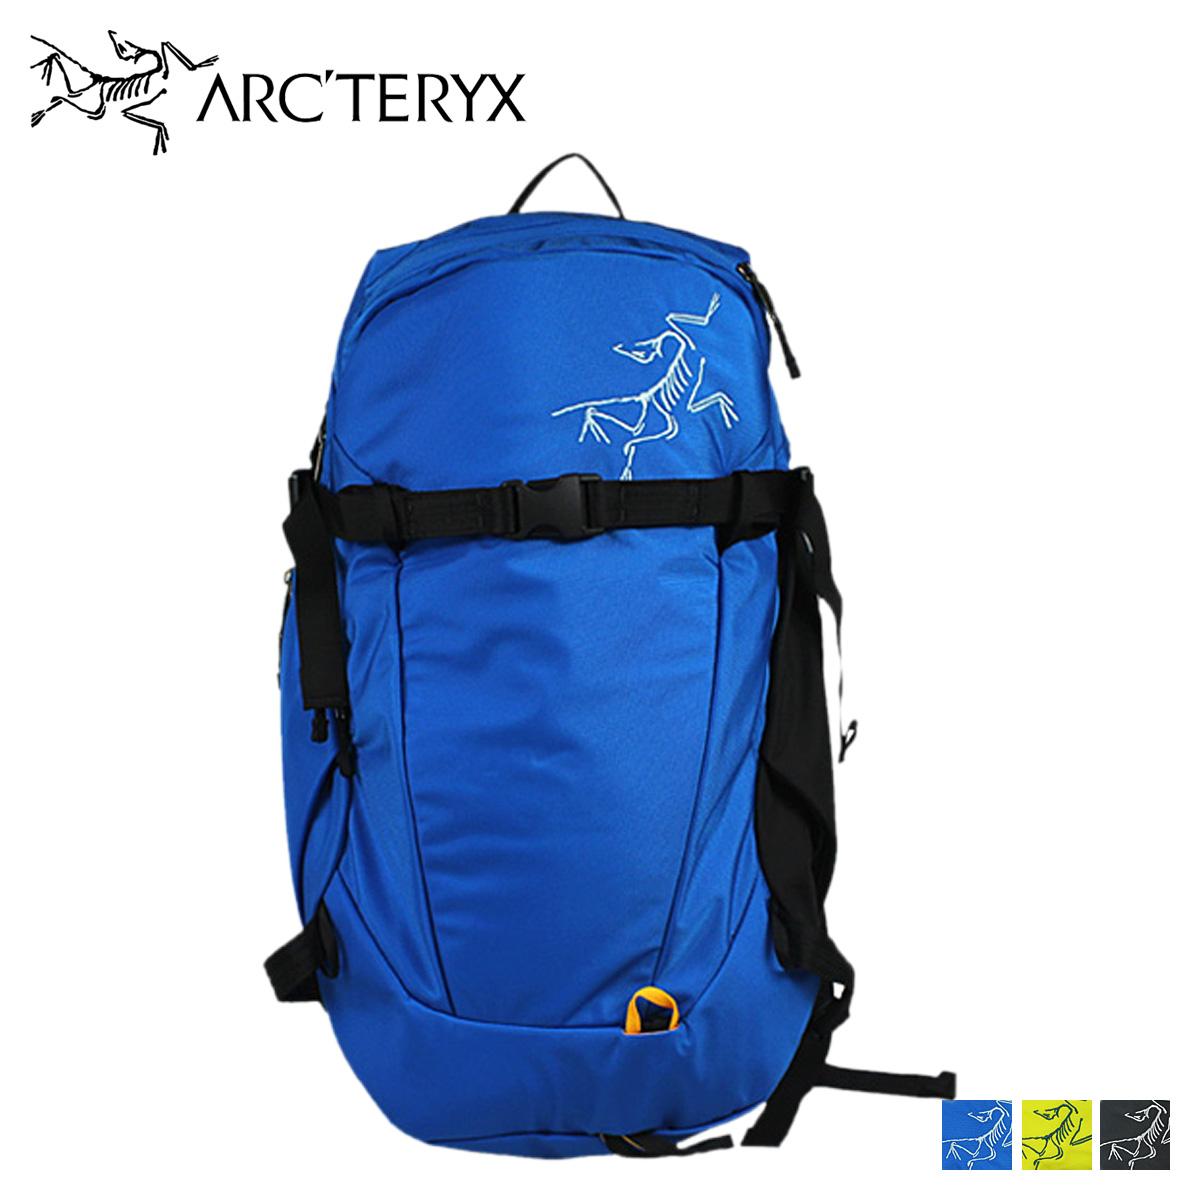 アークテリクス ARCTERYX バックパック 3カラー 9508 QUINTIC 28 デイパック リュック メンズ3JcFulT1K